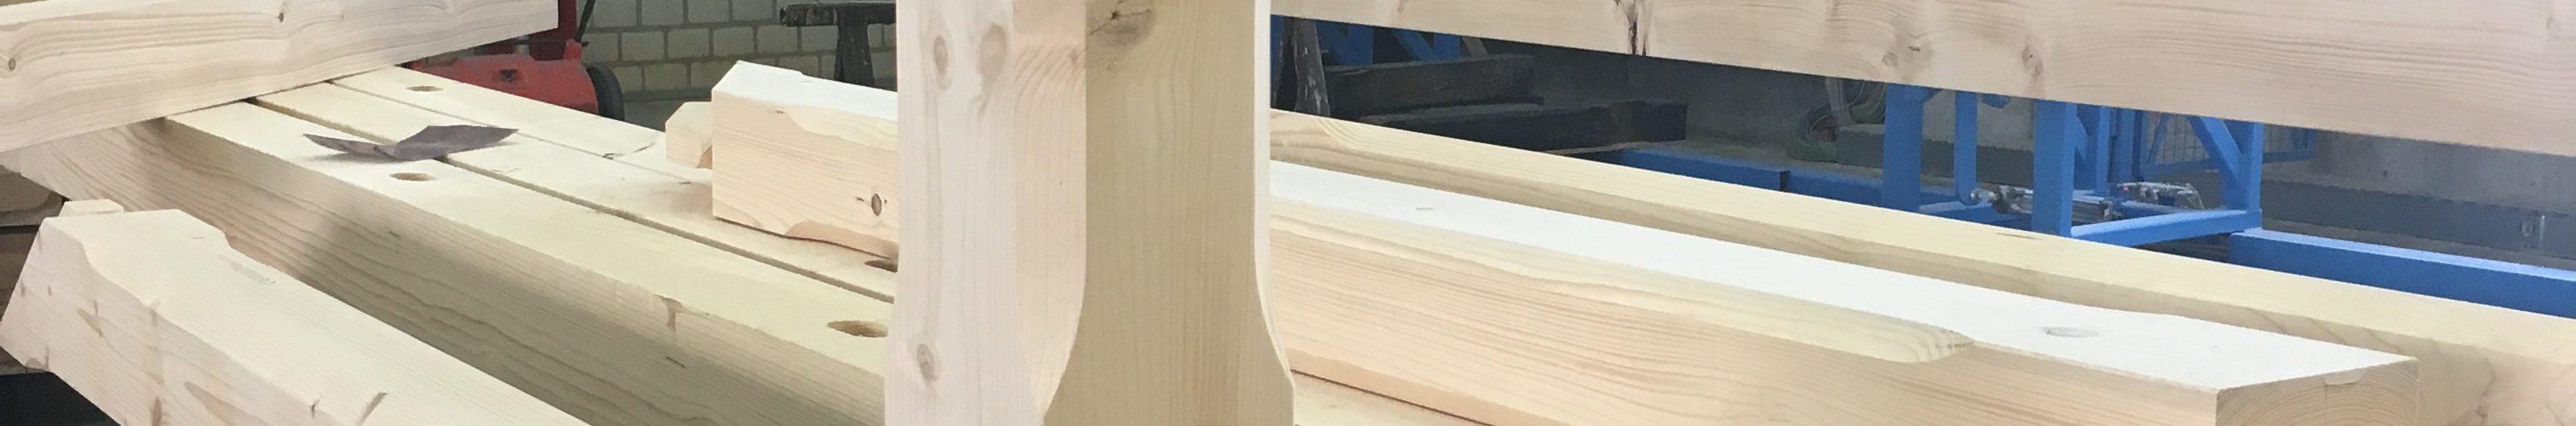 Dachstuhl - montagefertige Hölzer